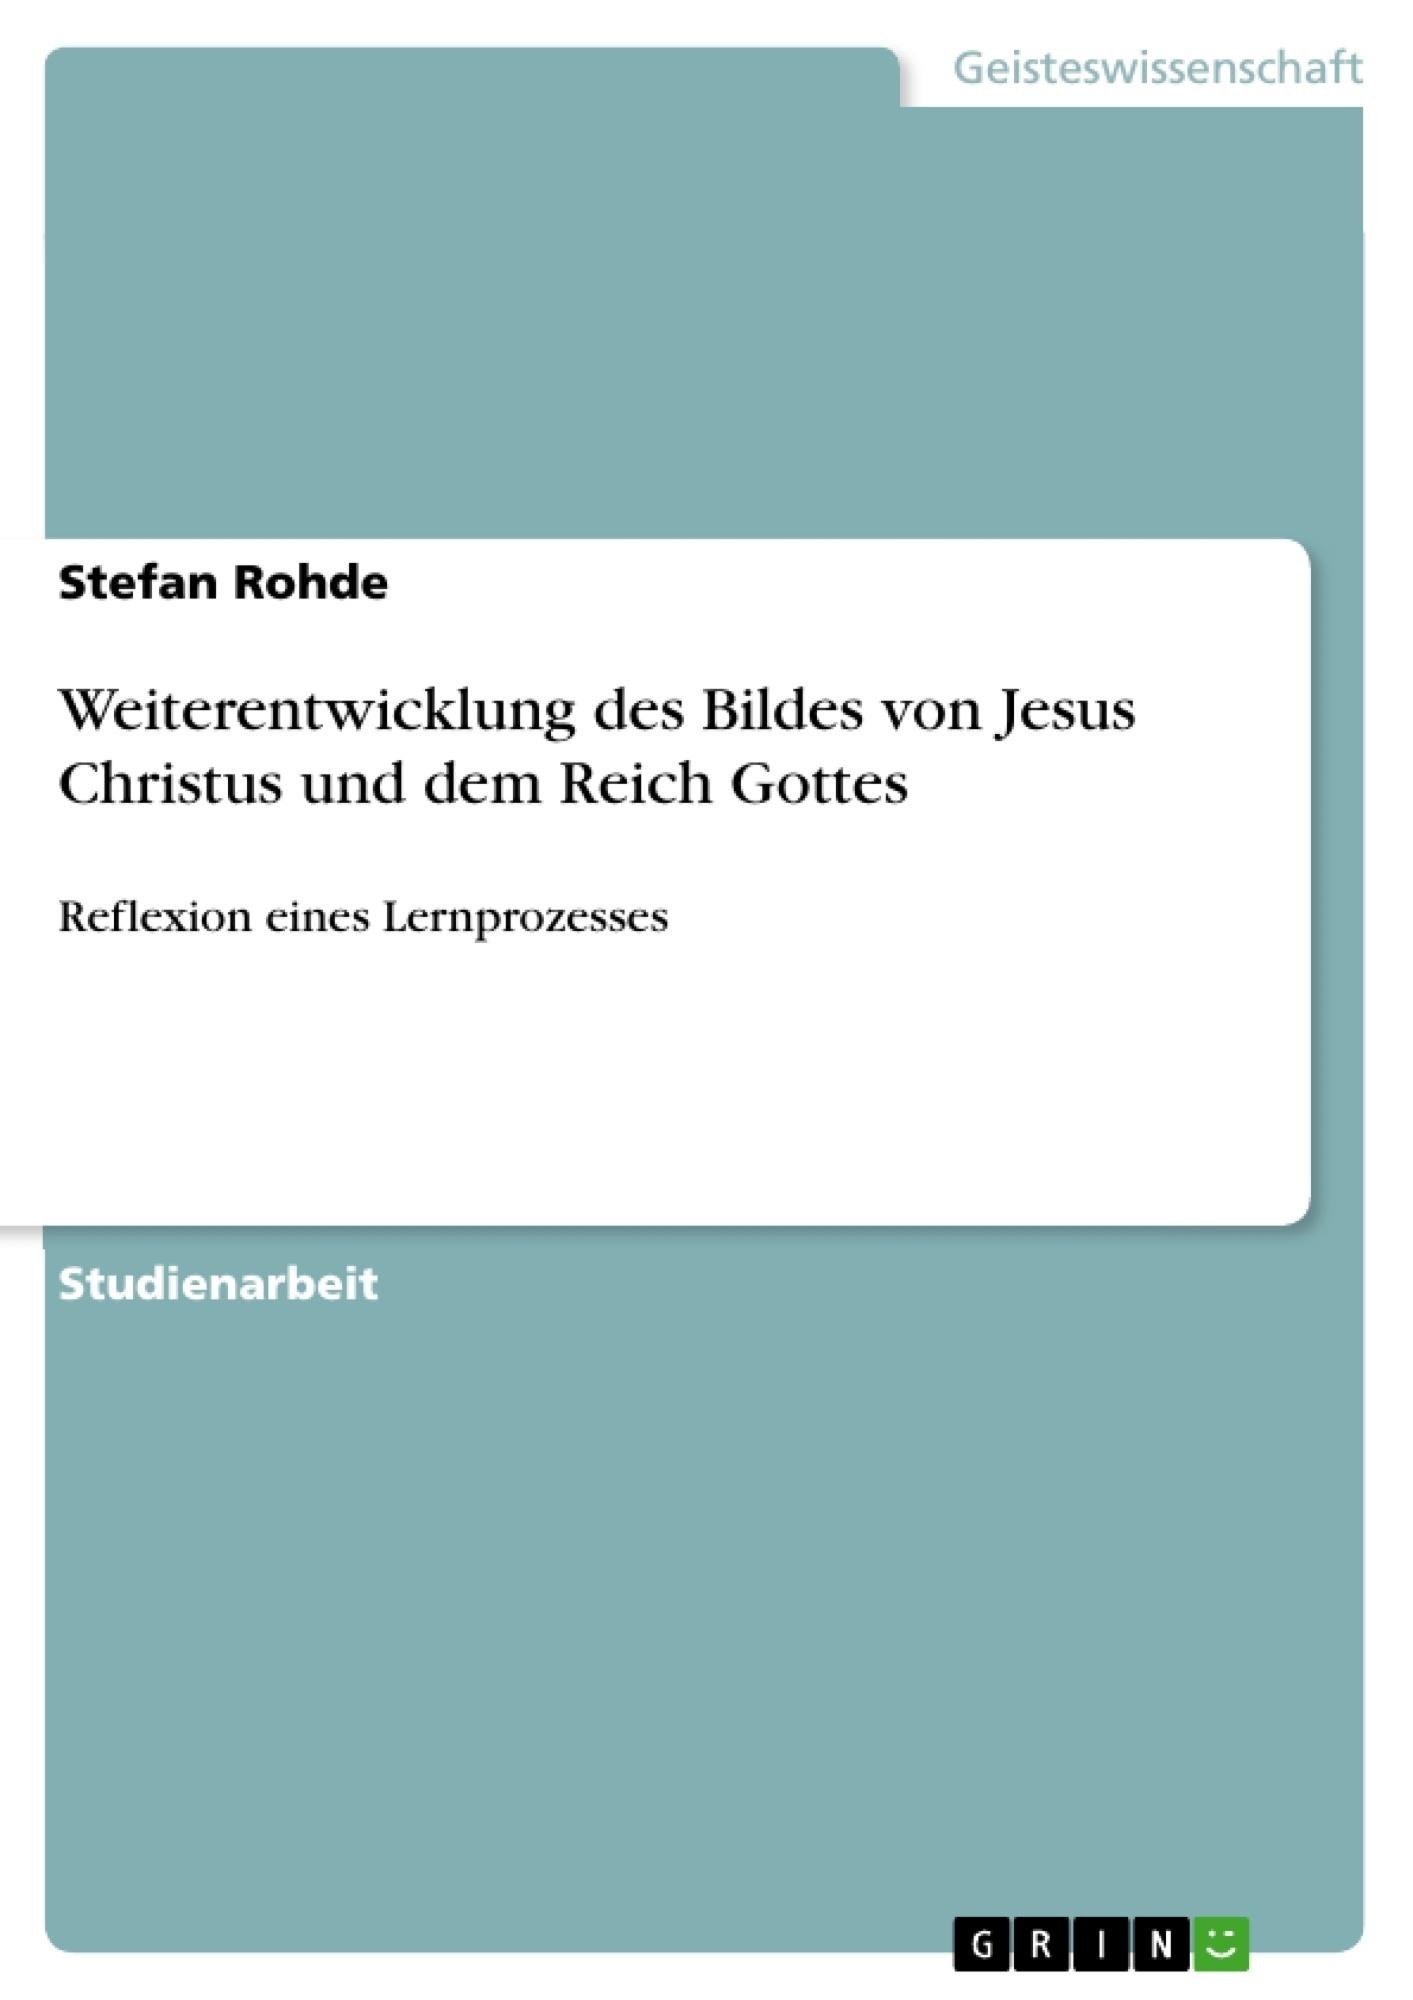 Titel: Weiterentwicklung des Bildes von Jesus Christus und dem Reich Gottes